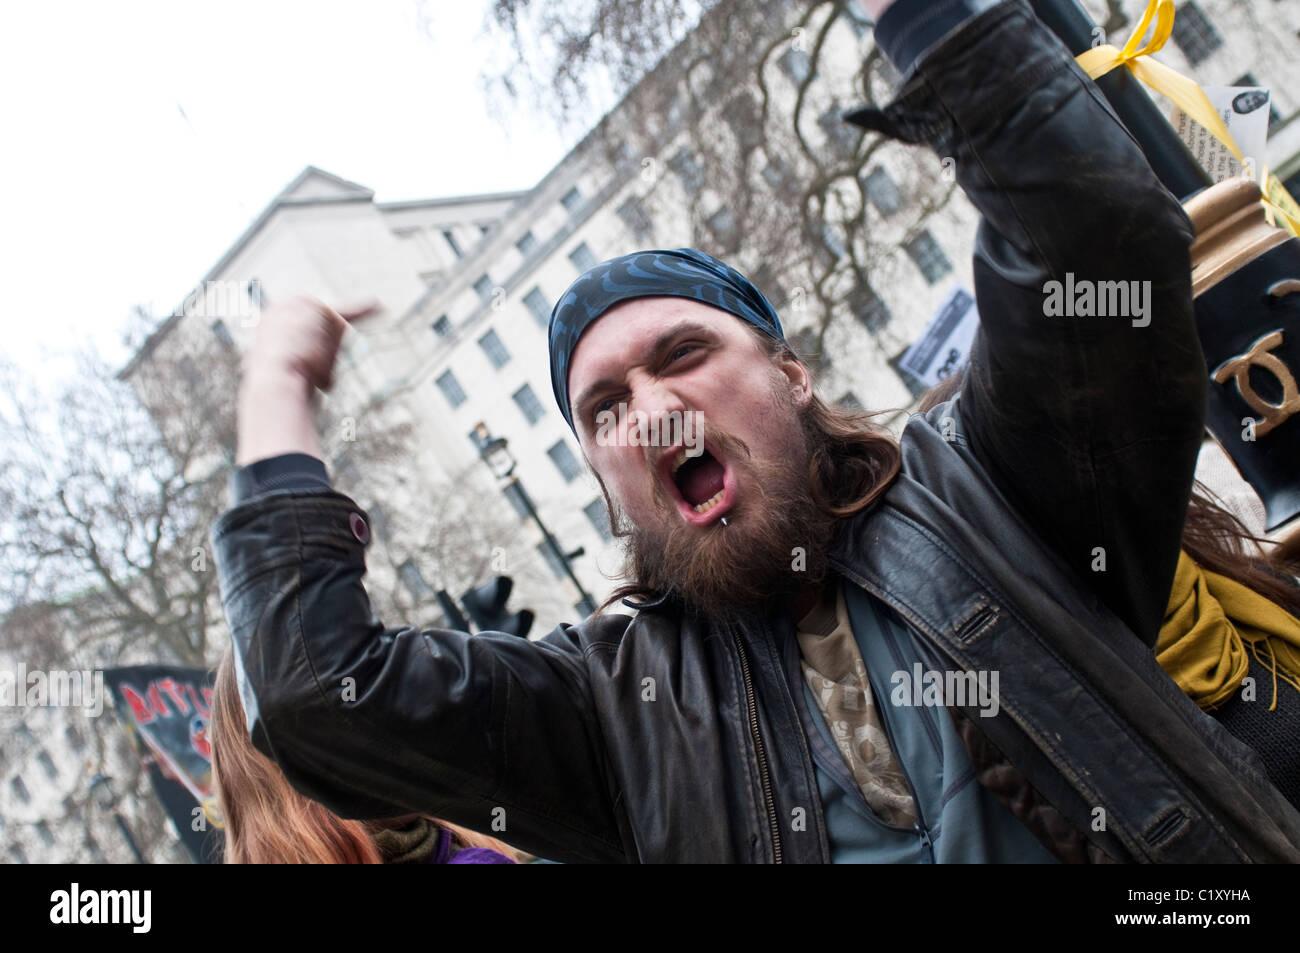 Wütende Demonstranten schreien vor 10 Downing Street, TUC März für die Alternative, London, UK, 26.03.2011 Stockbild